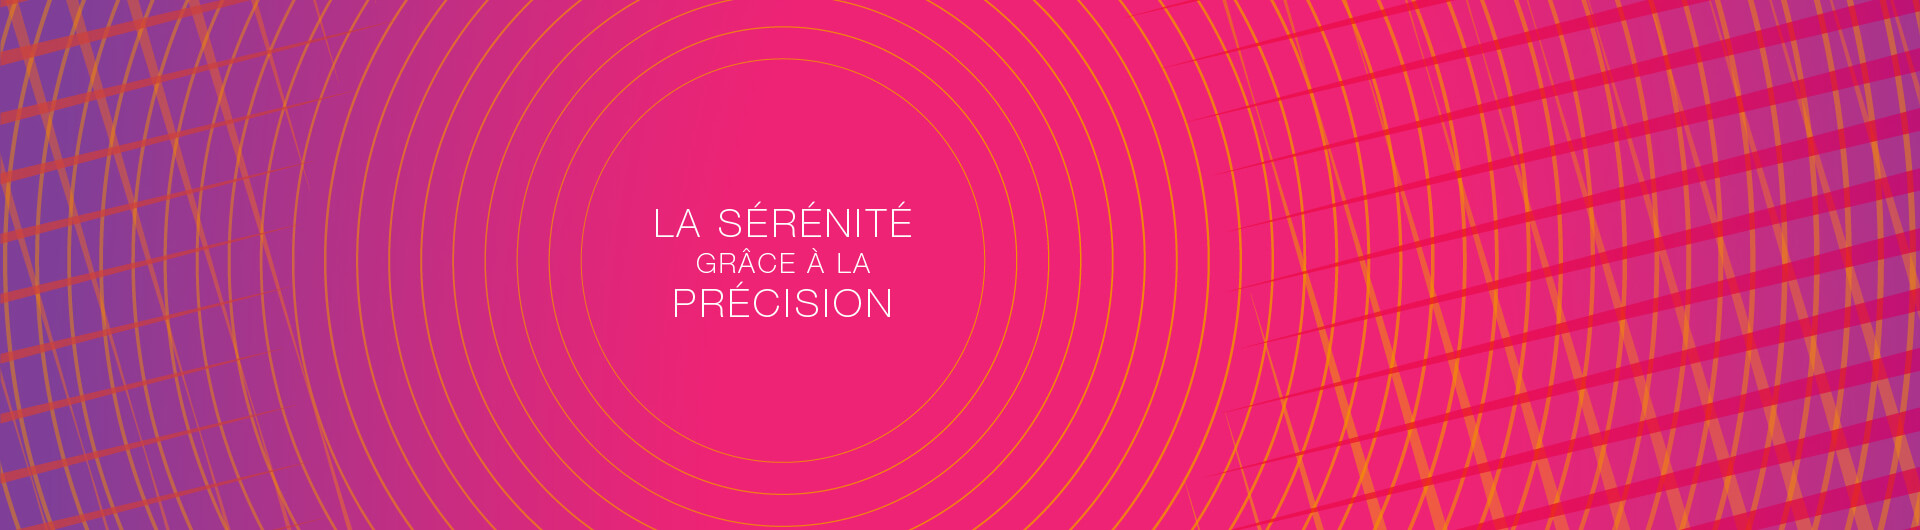 Brainlab Stereotaxie: La ssérénité grâce à la précision